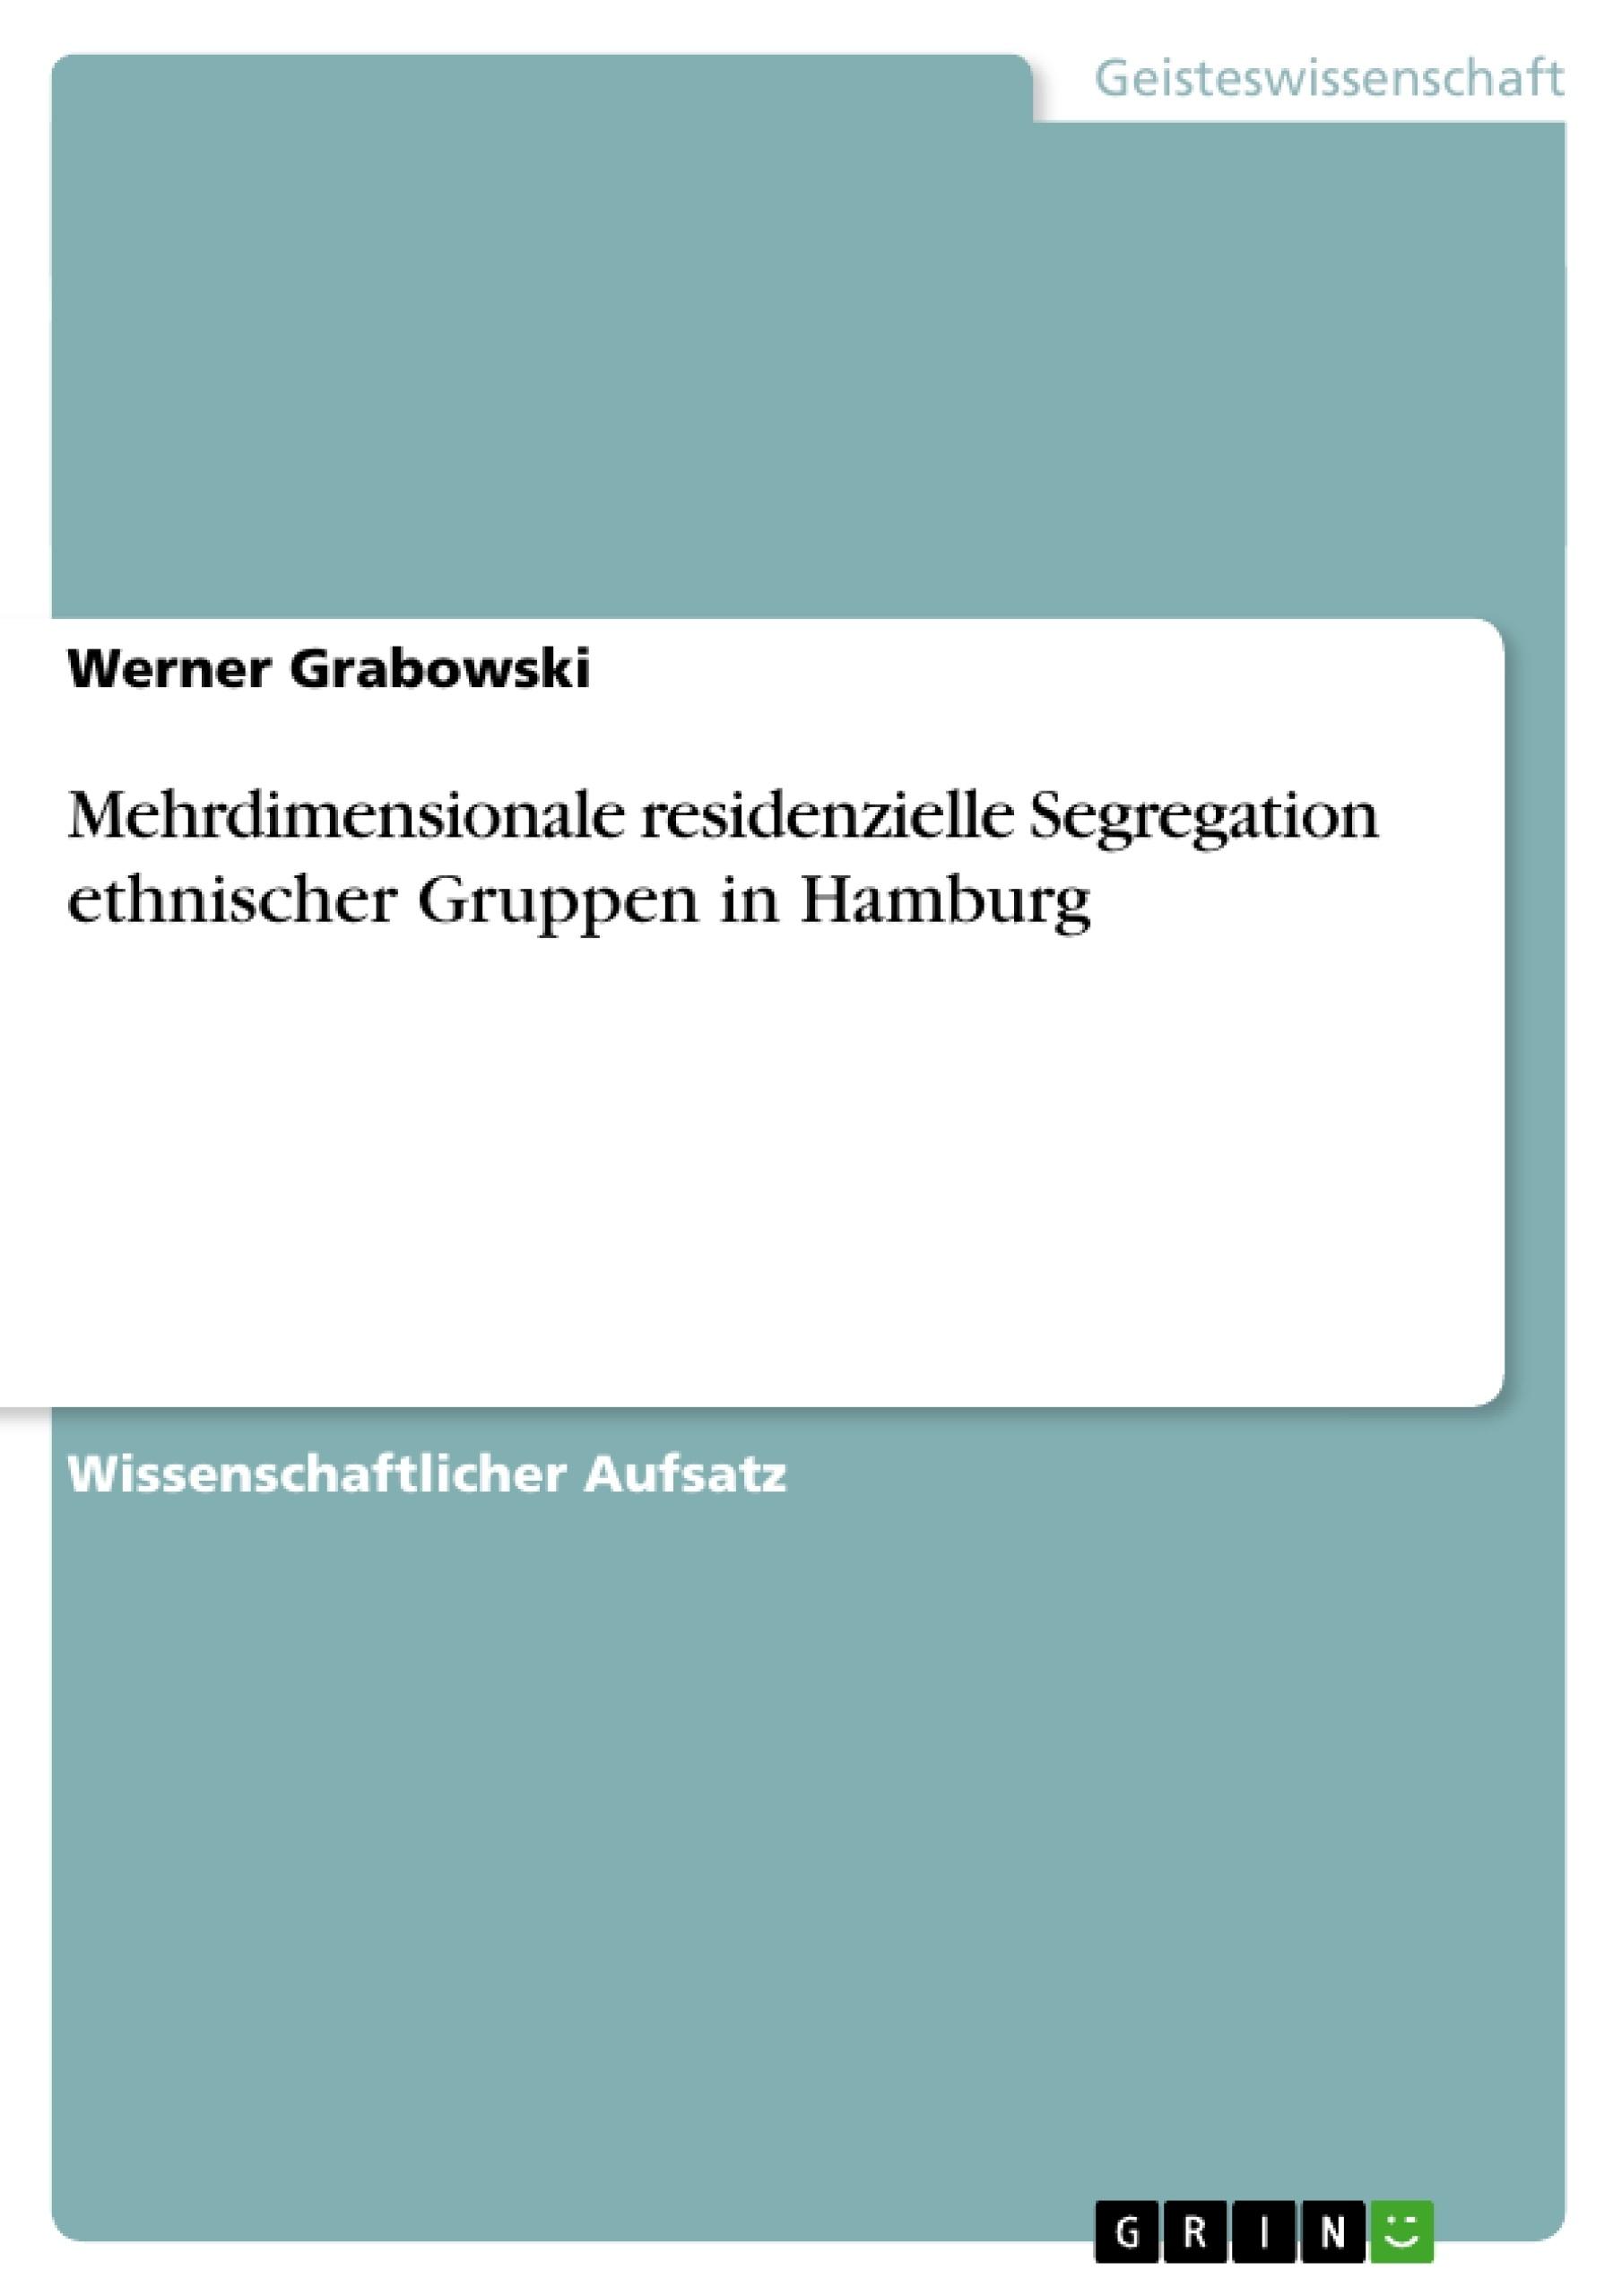 Titel: Mehrdimensionale residenzielle Segregation ethnischer Gruppen in Hamburg